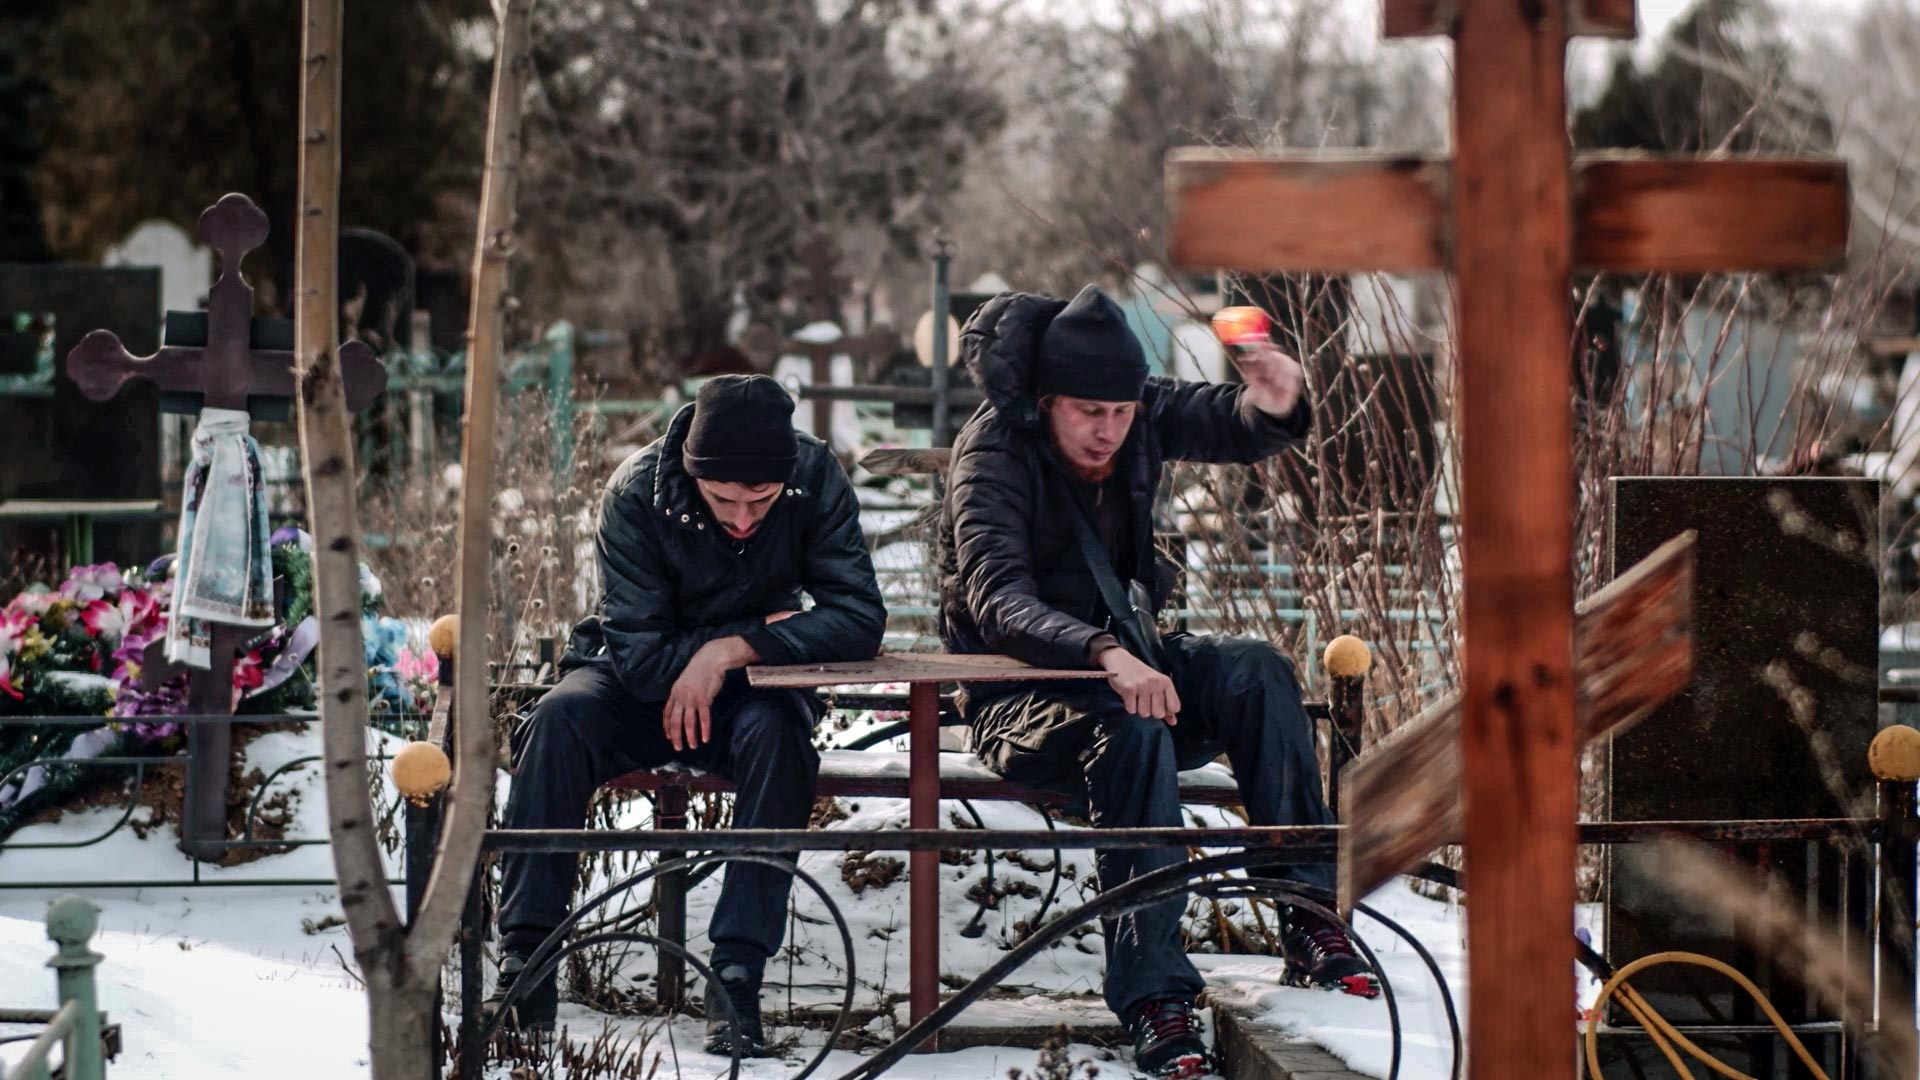 rach rev 08 - <b>Музей катастроф:</b> что важно знать о художниках Рачинском и Ревковском - Заборона